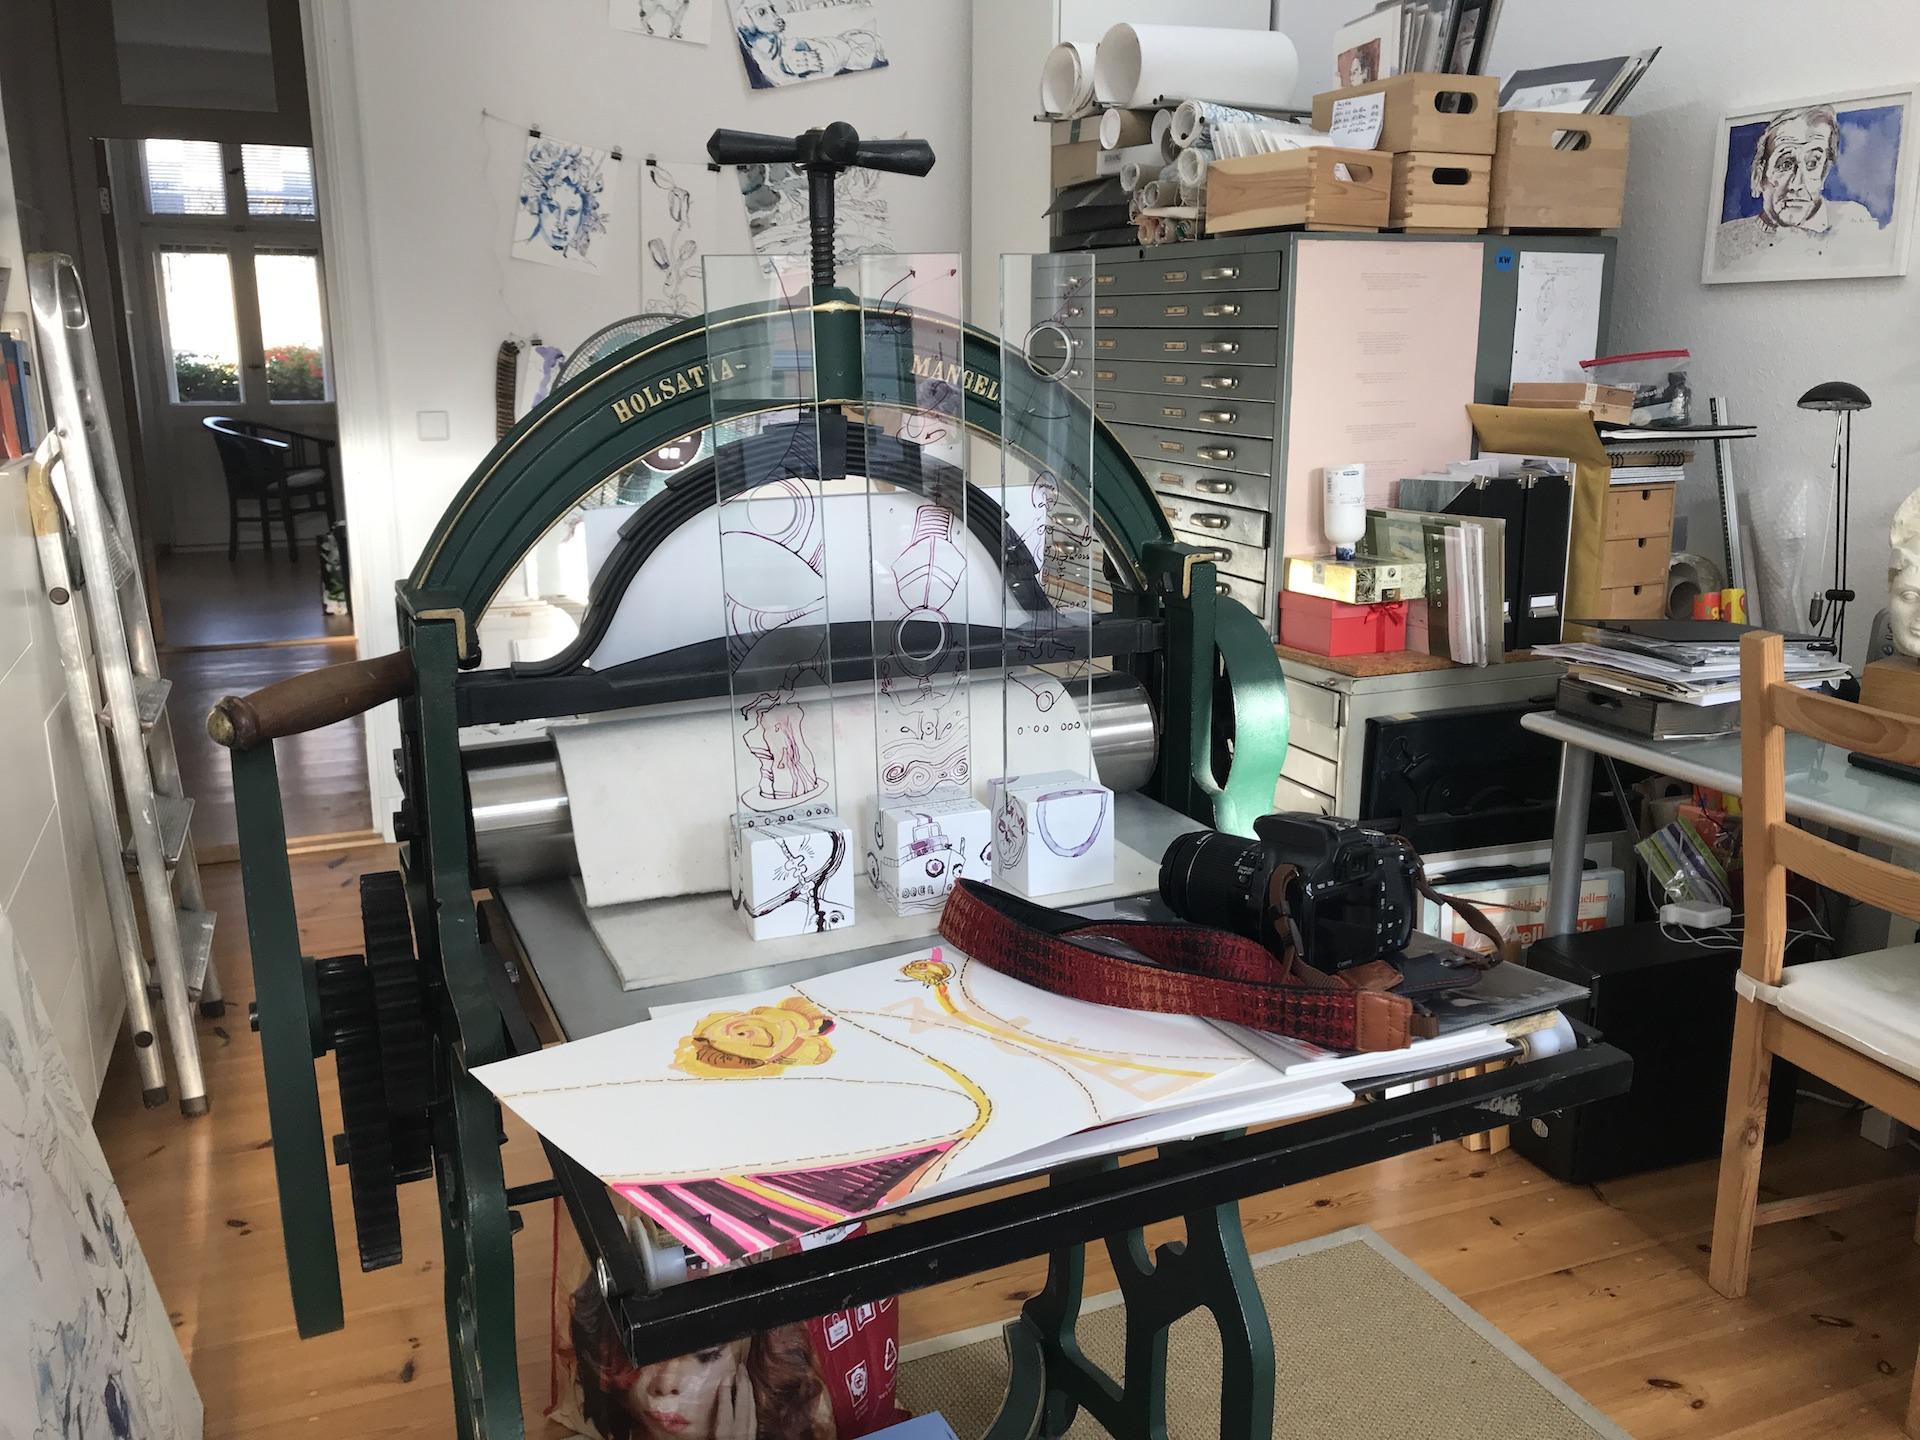 Alltag im Atelier Susanne Haun - Zeichnungegen fotografieren (c) VG Bild-Kunst, Bonn 2019